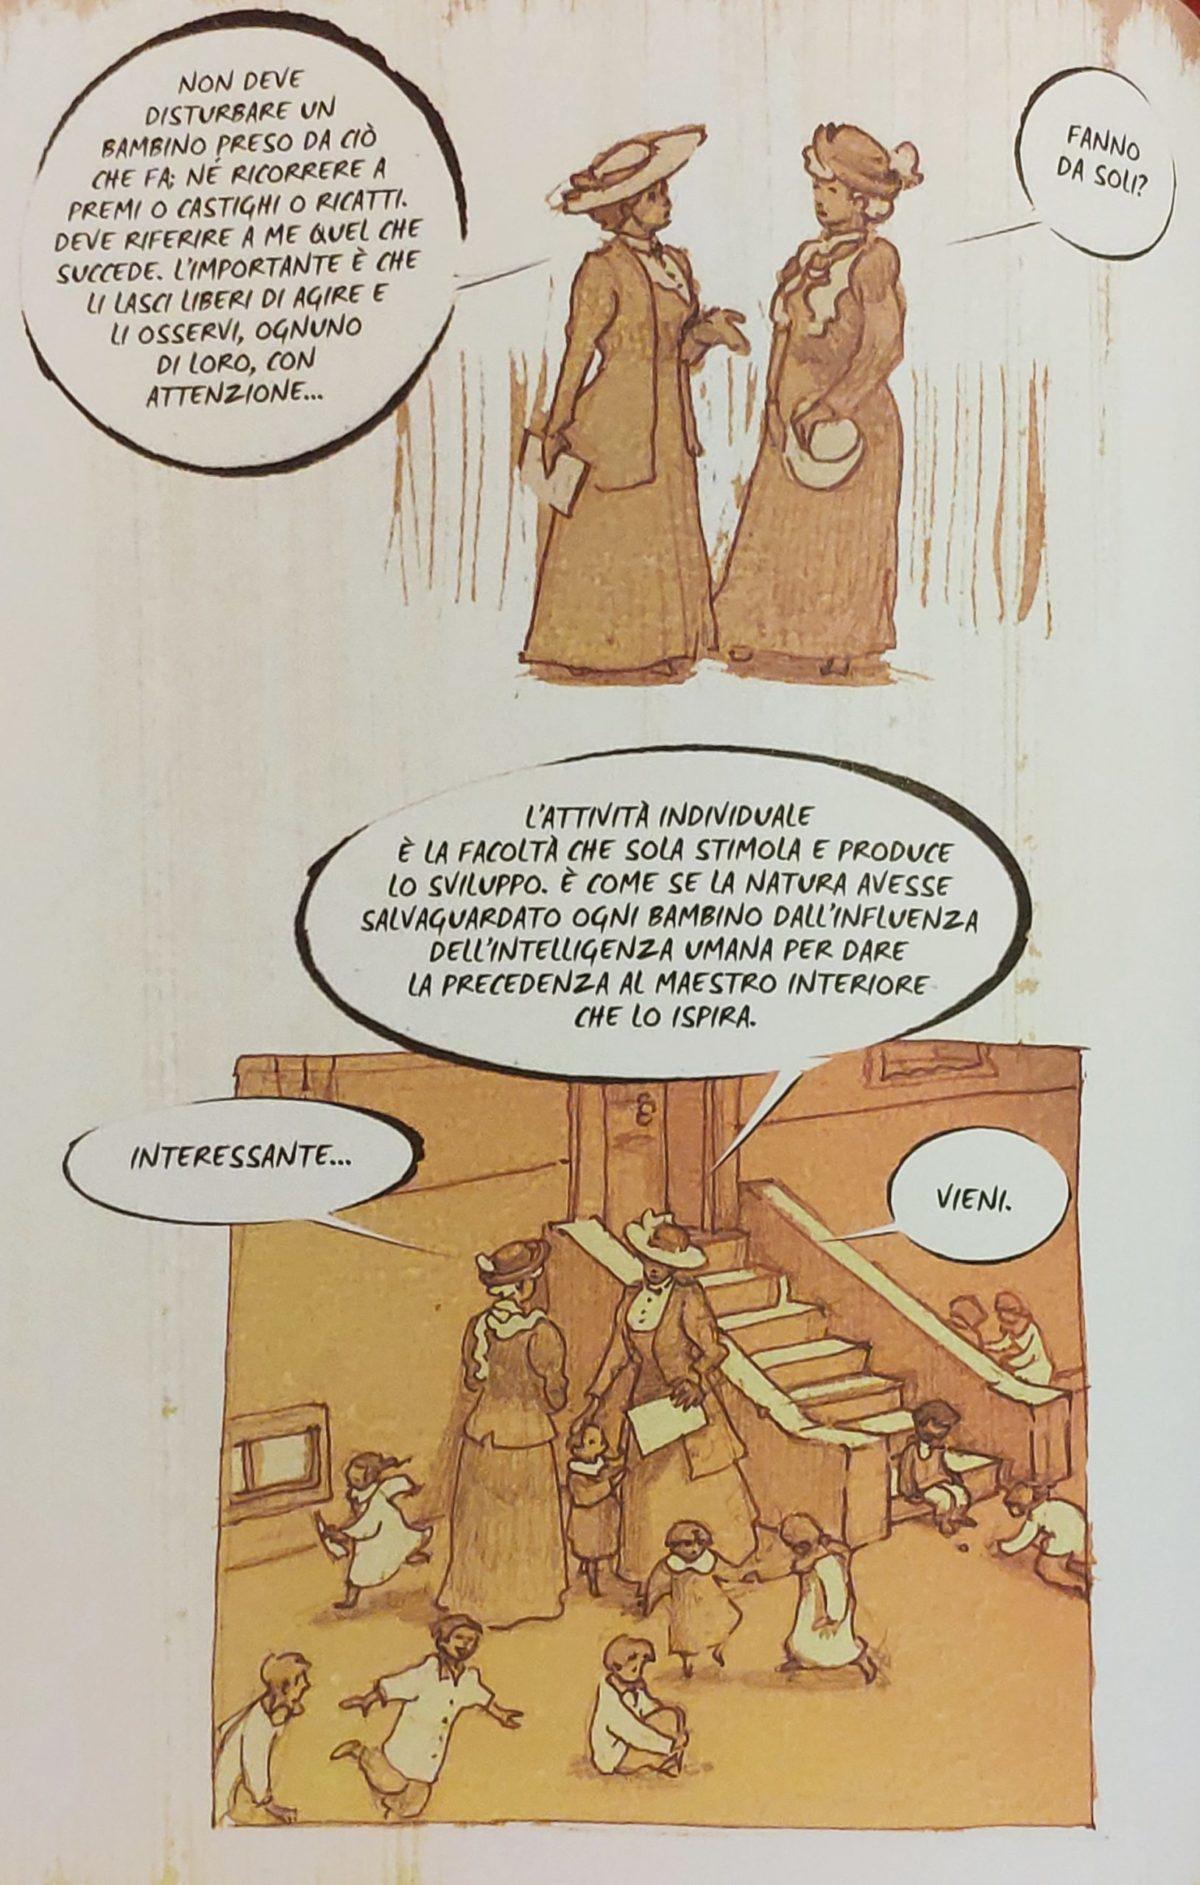 Mio caro fumetto… – Principi montessoriani